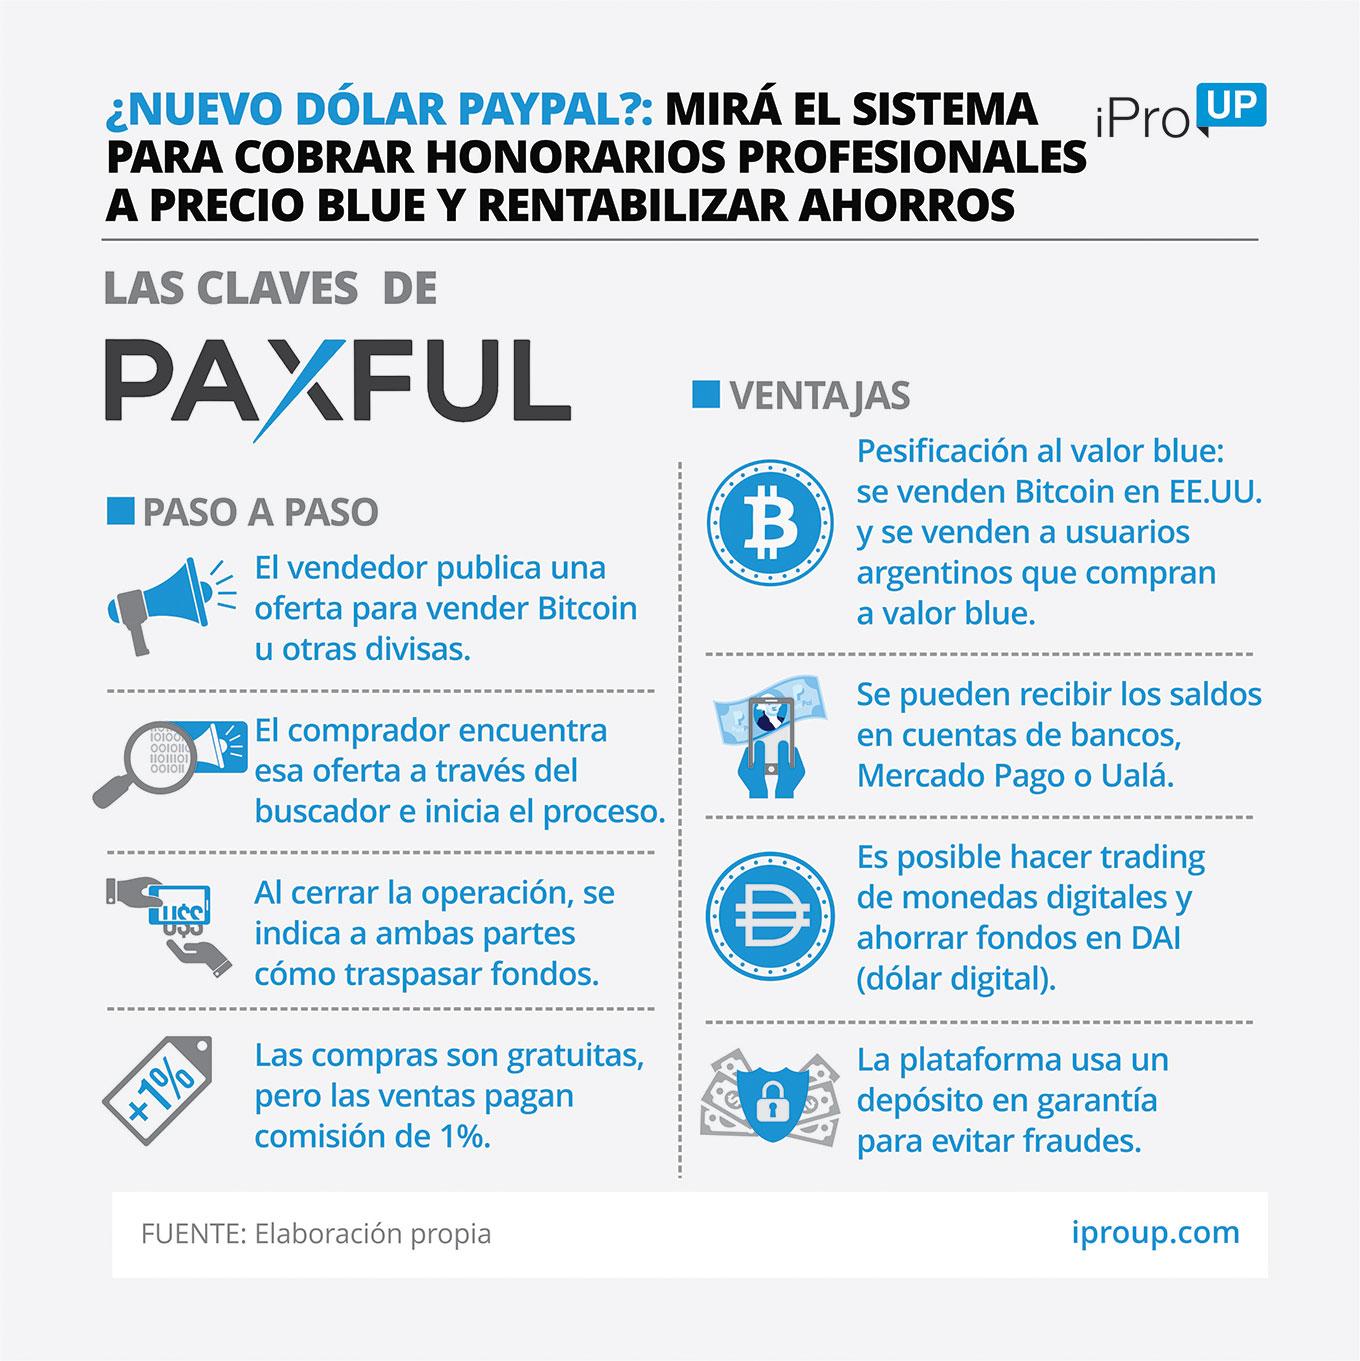 Cómo funciona Paxful